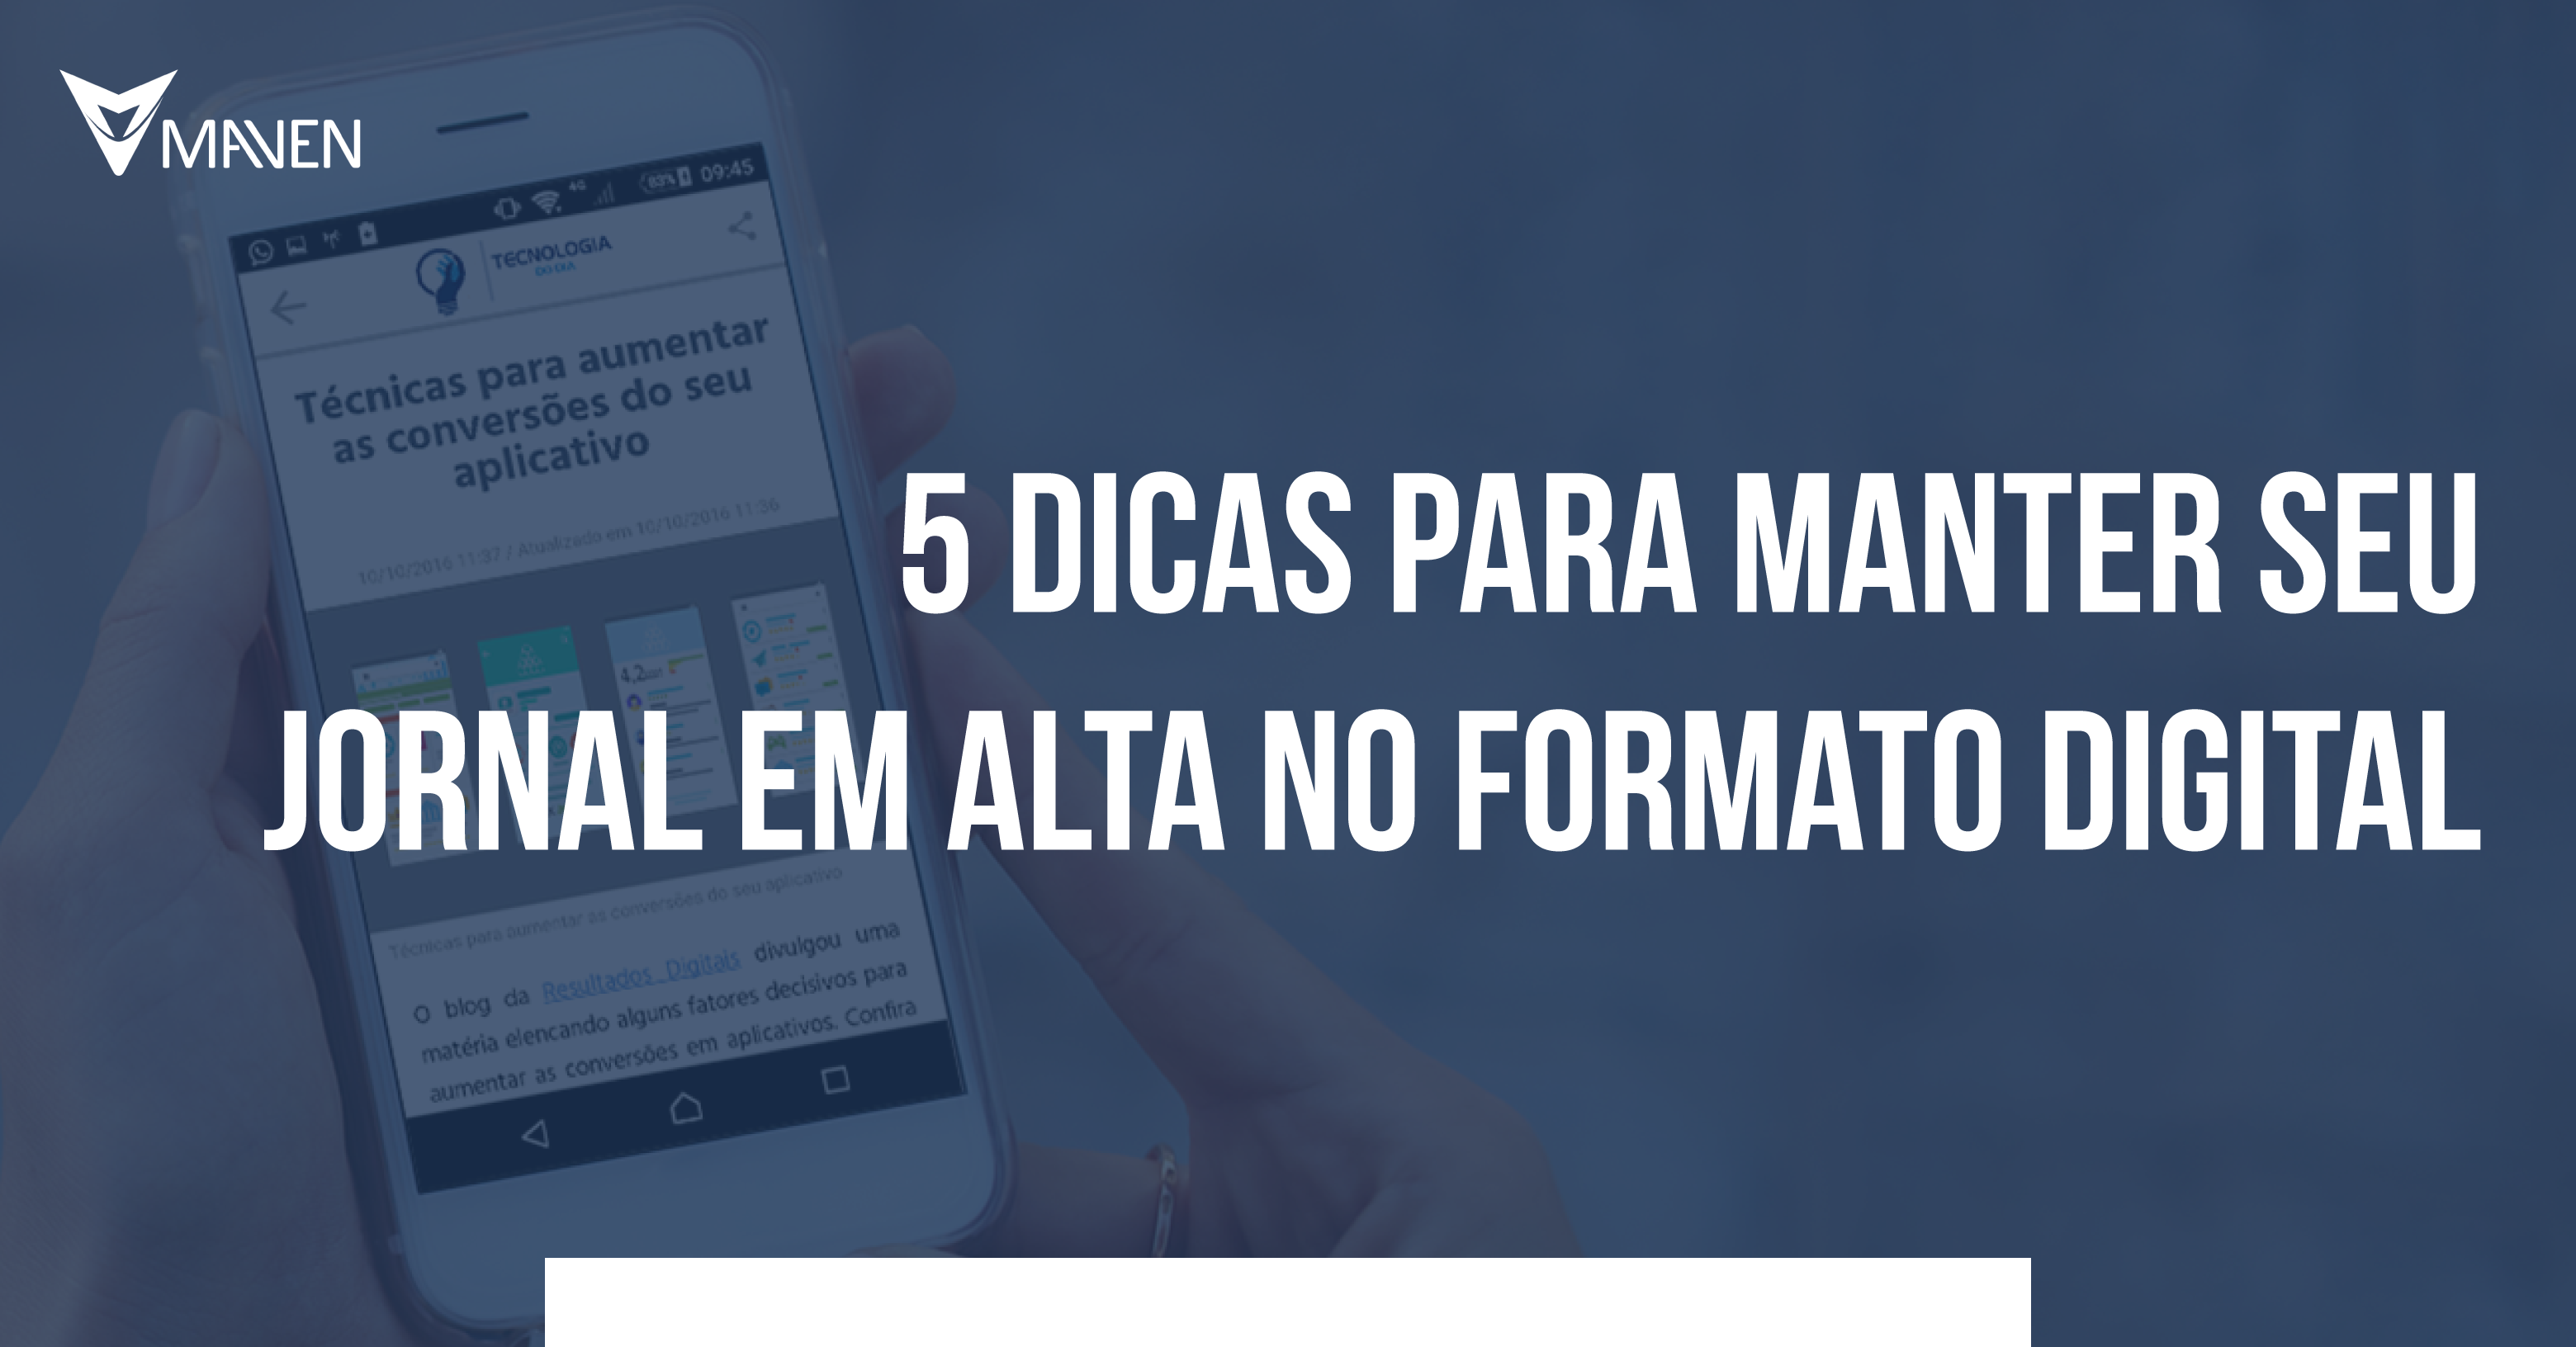 5 Dicas para Manter seu Jornal em Alta no Formato Digital